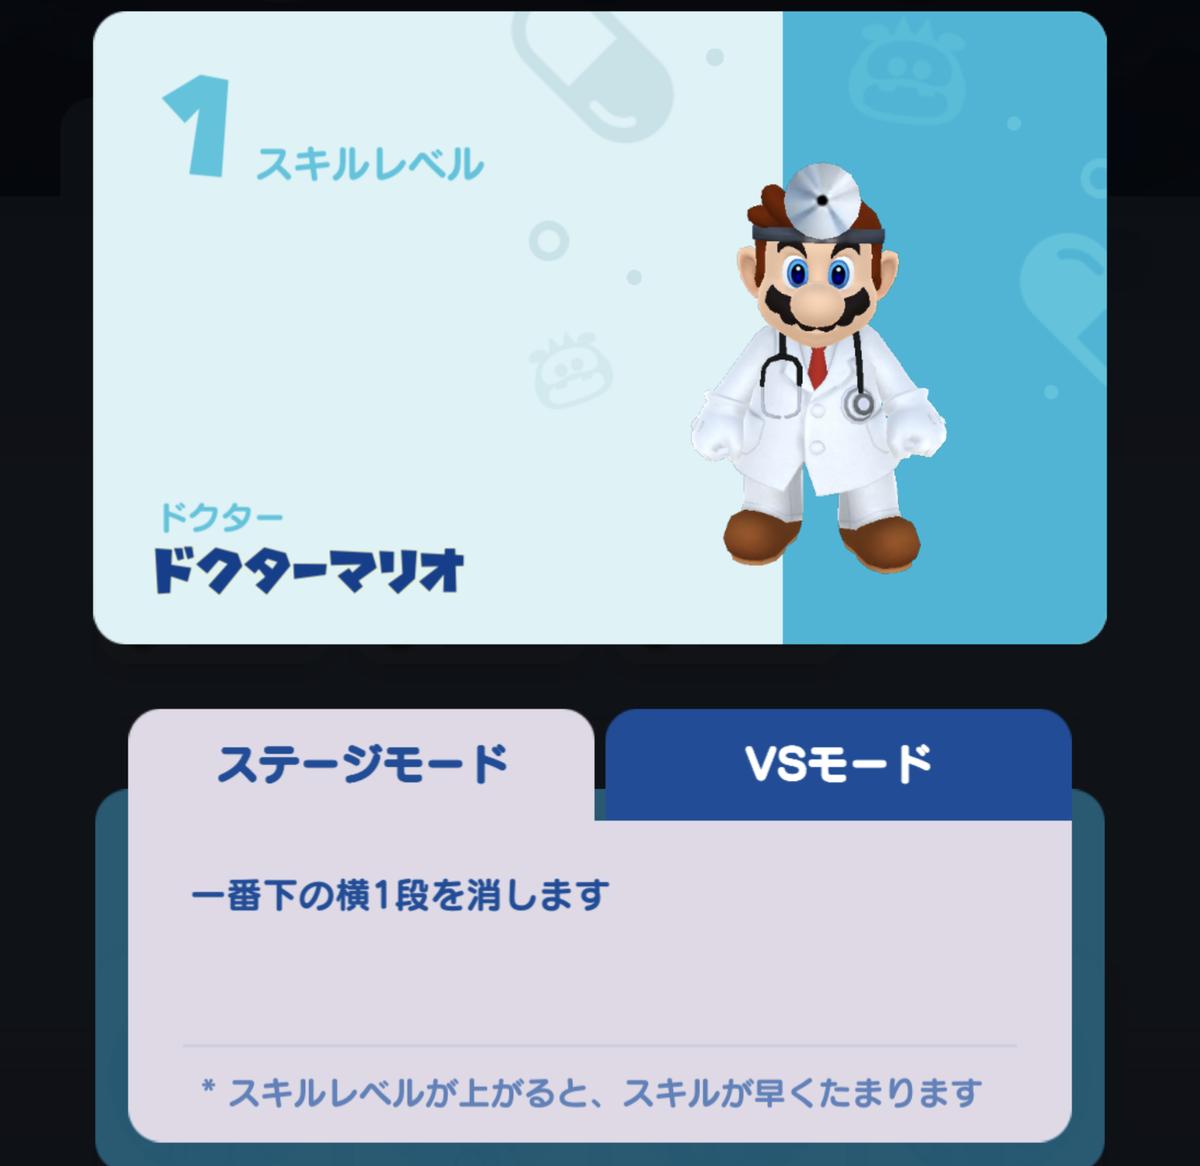 f:id:DaichiRAS495:20210309140410p:plain